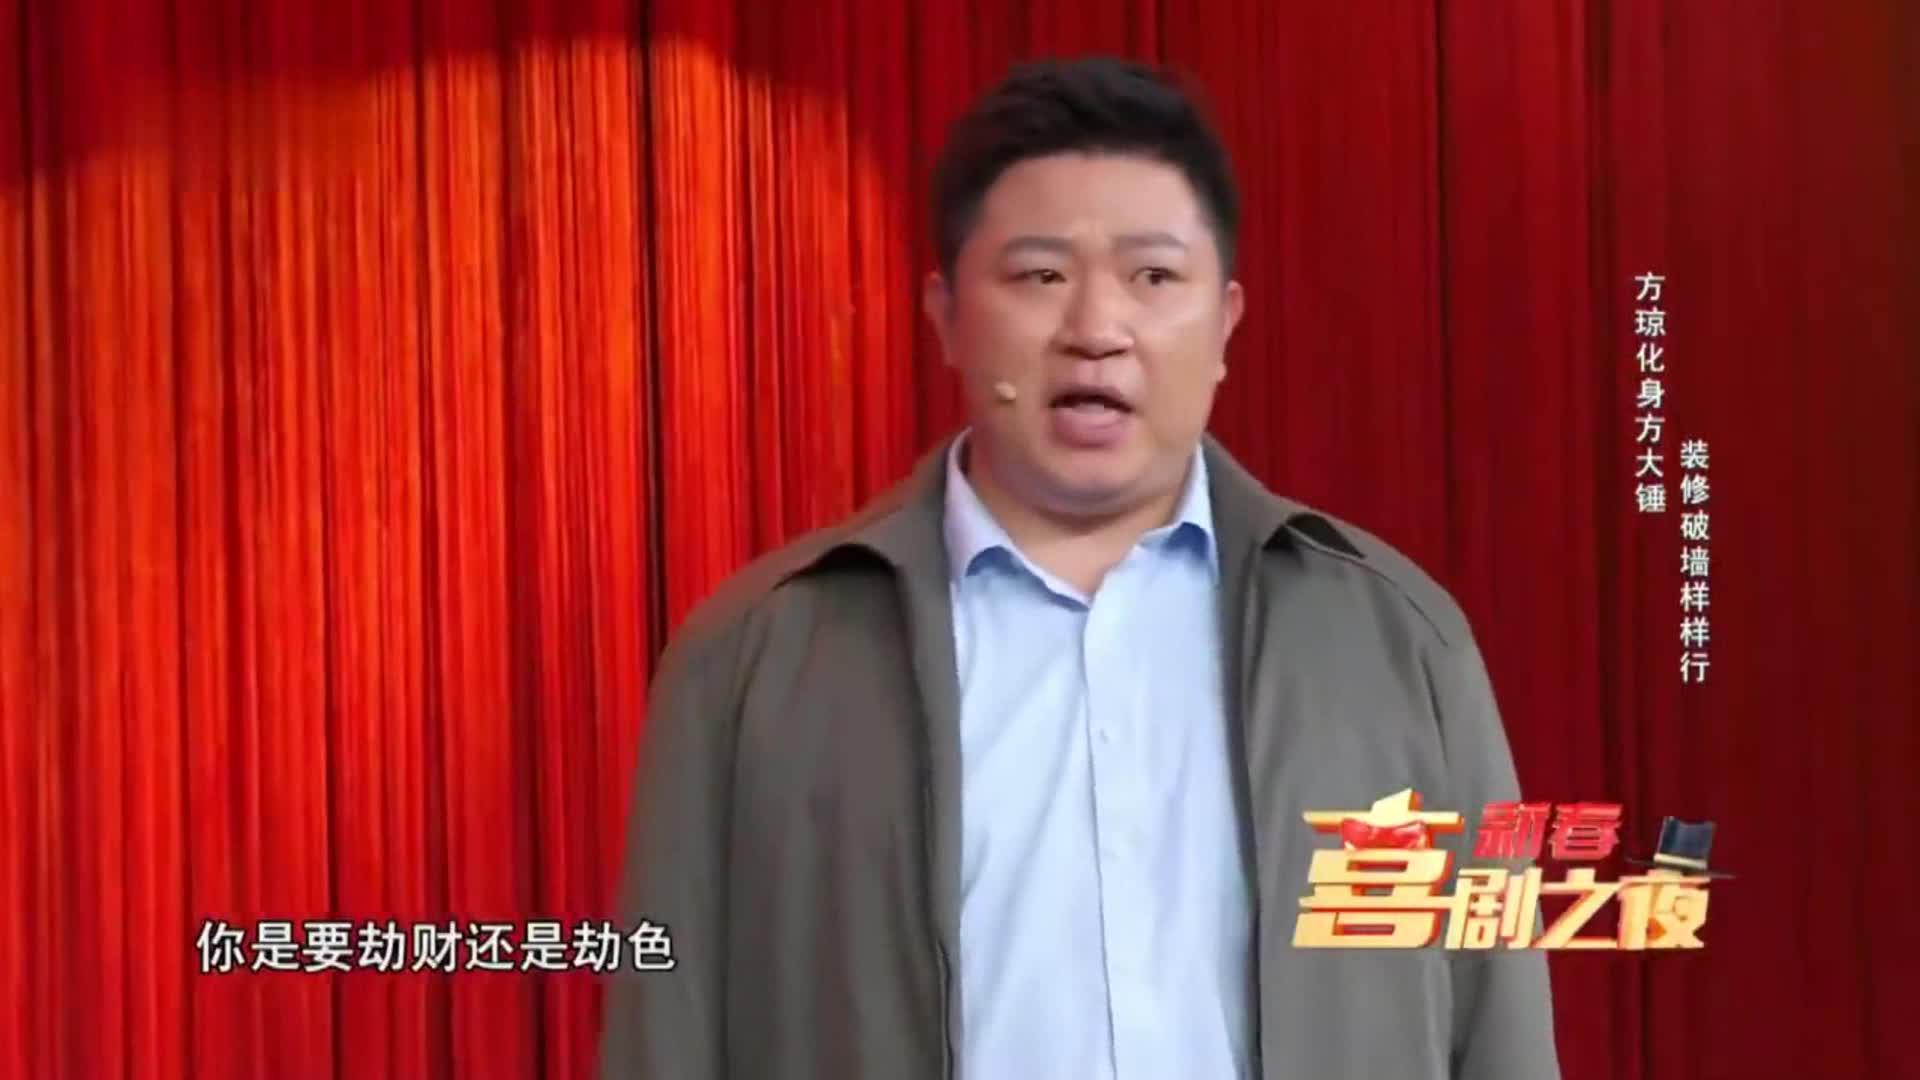 方琼,江涛,祖海小品《装修新传》致敬黄宏传奇小品装修,太逗了